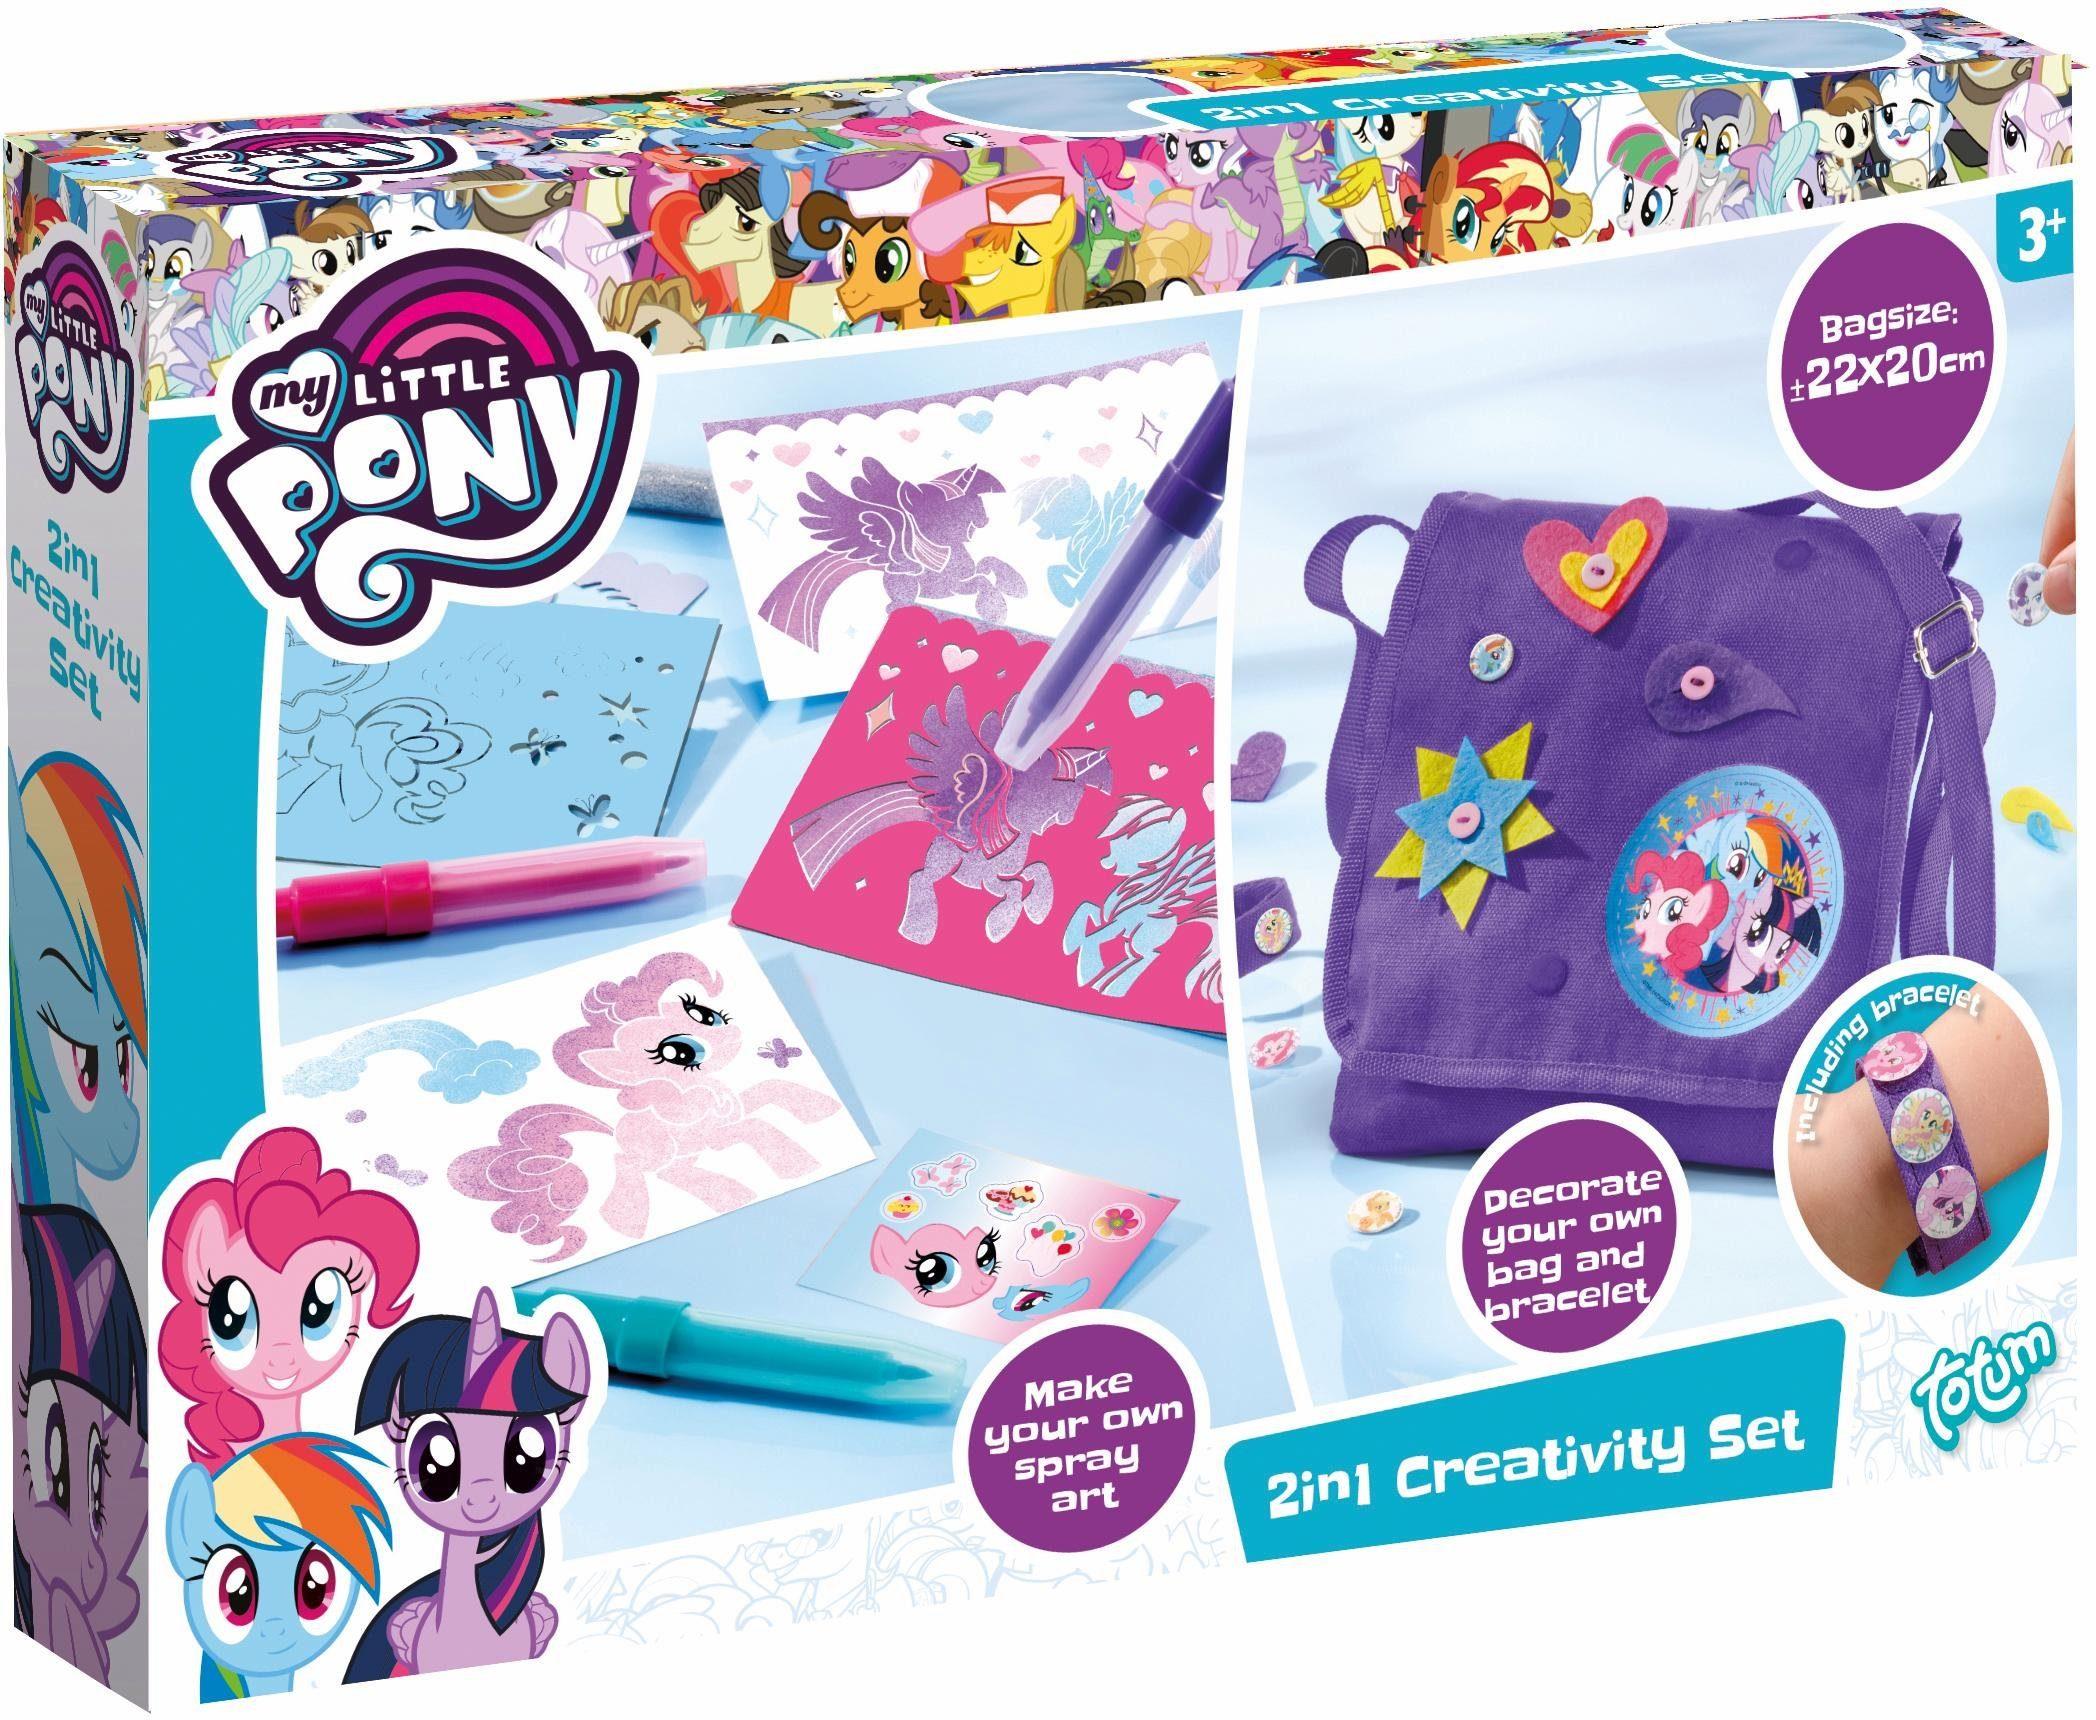 totum Kreativset Tasche, Armband und Sprühstifte, »My Little Pony, 2 in 1 Creativity Set«